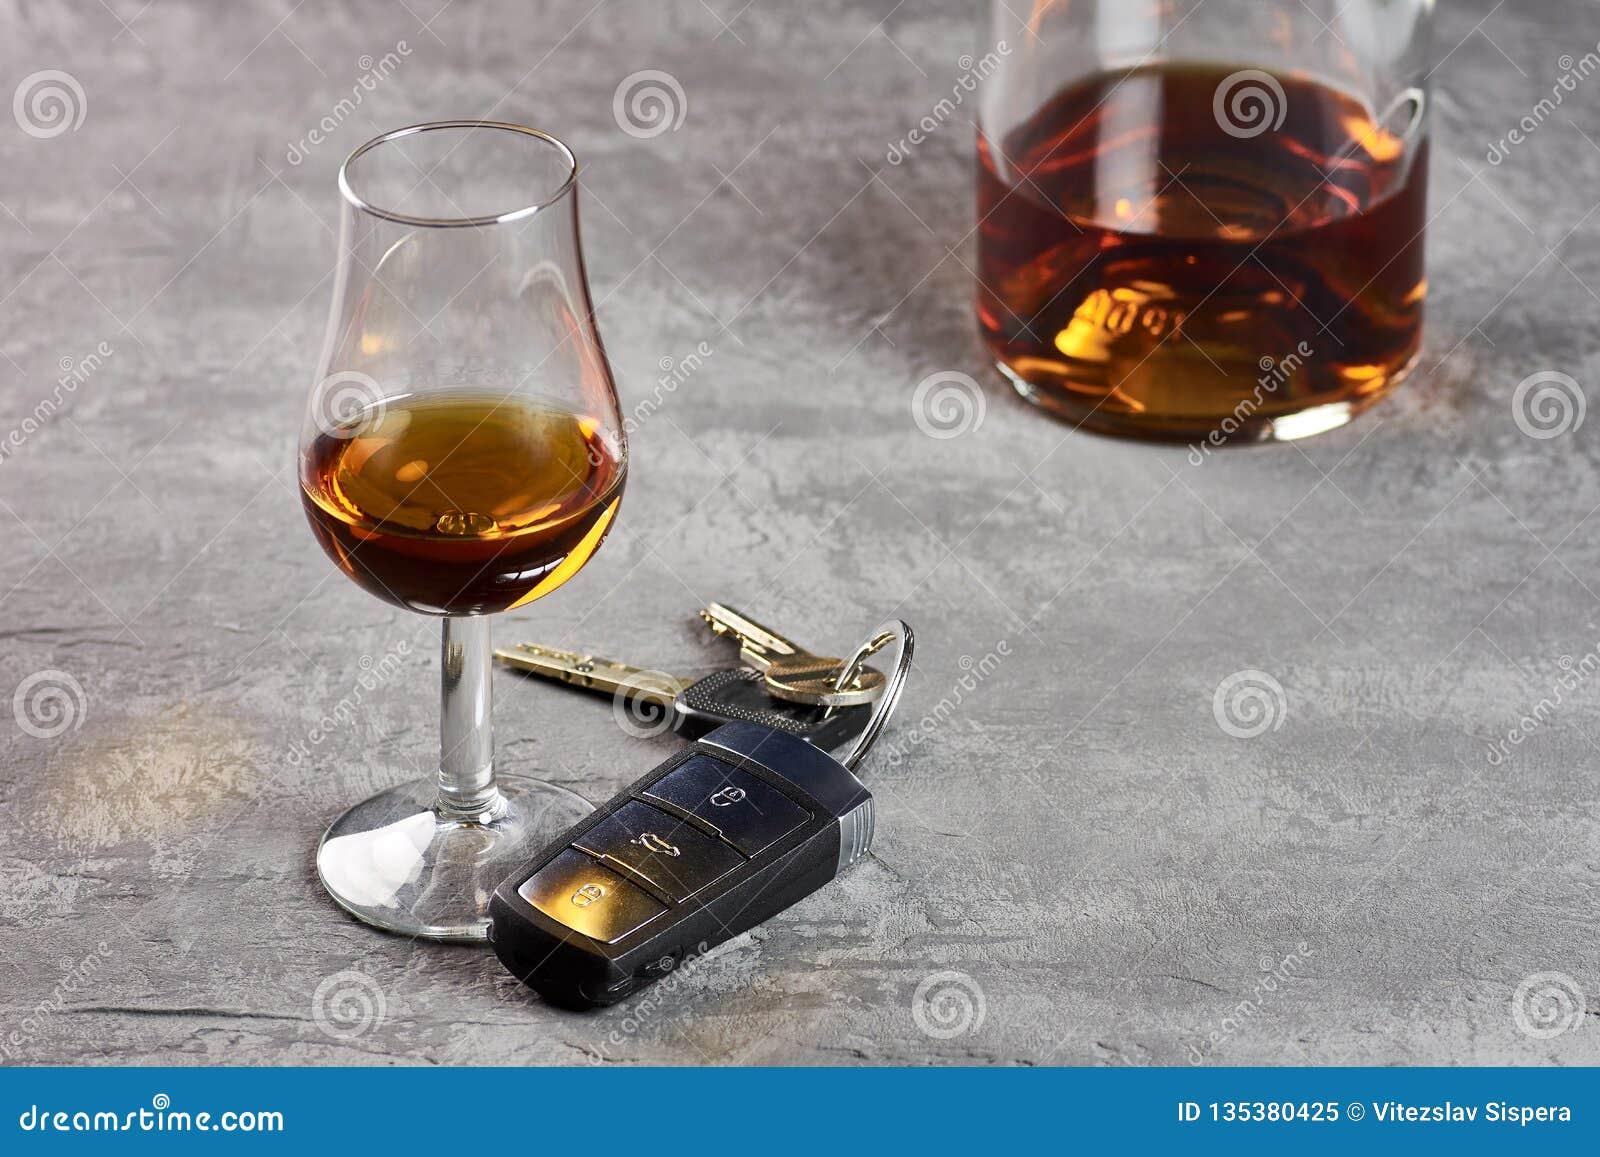 Γυαλί και μπουκάλι του ουίσκυ στα κλειδιά πετρών επιτραπέζιων κορυφών και αυτοκινήτων Οδήγηση στη μέθη